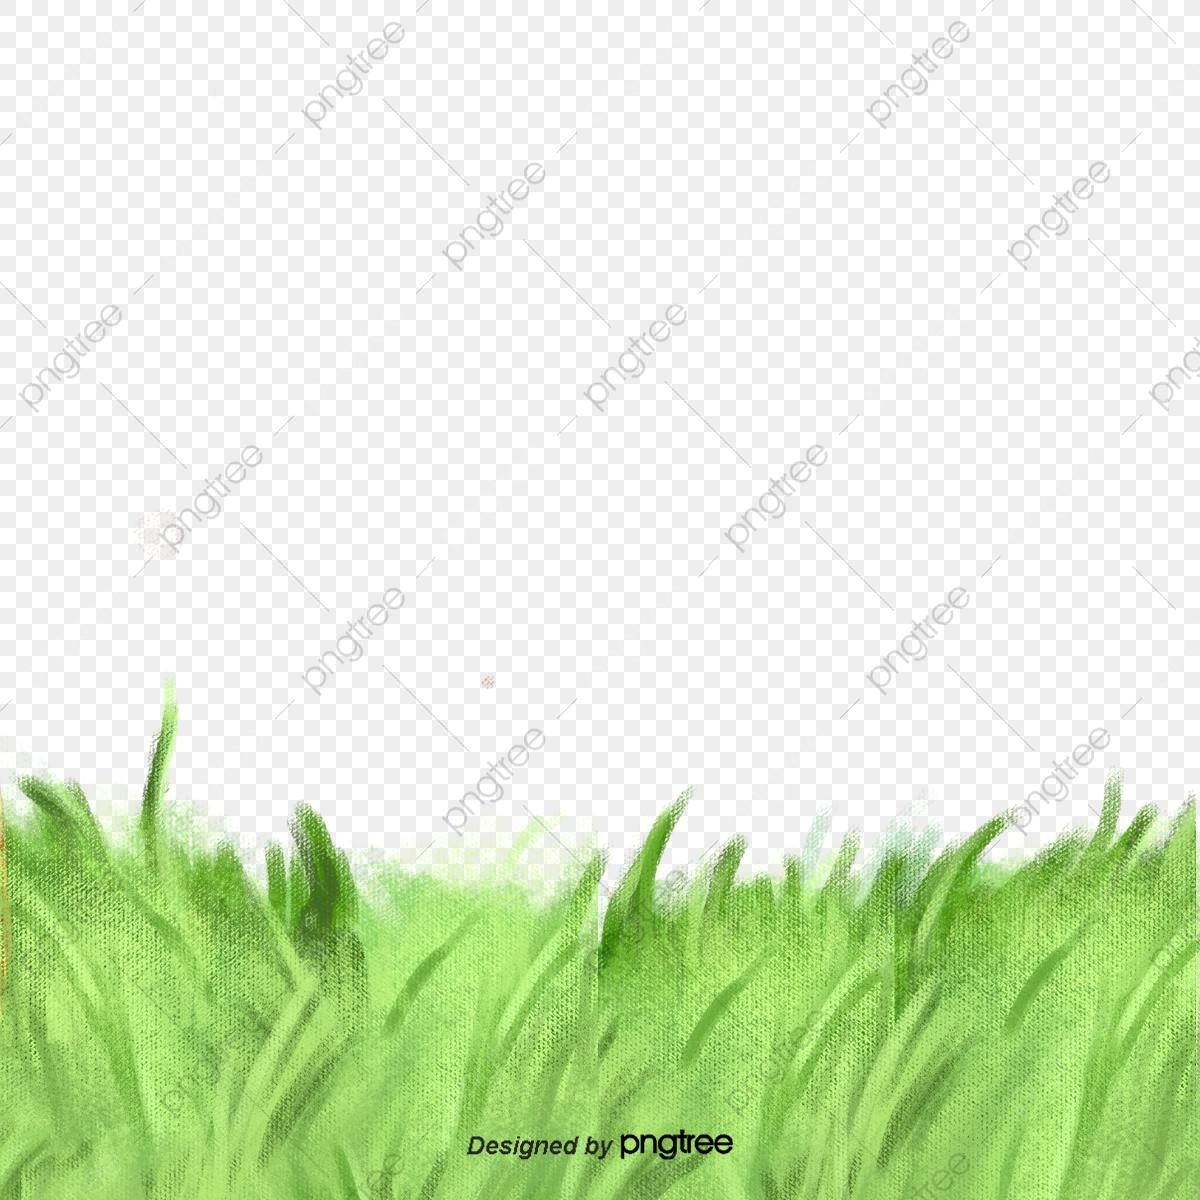 Green cluster element png. Clipart grass summer